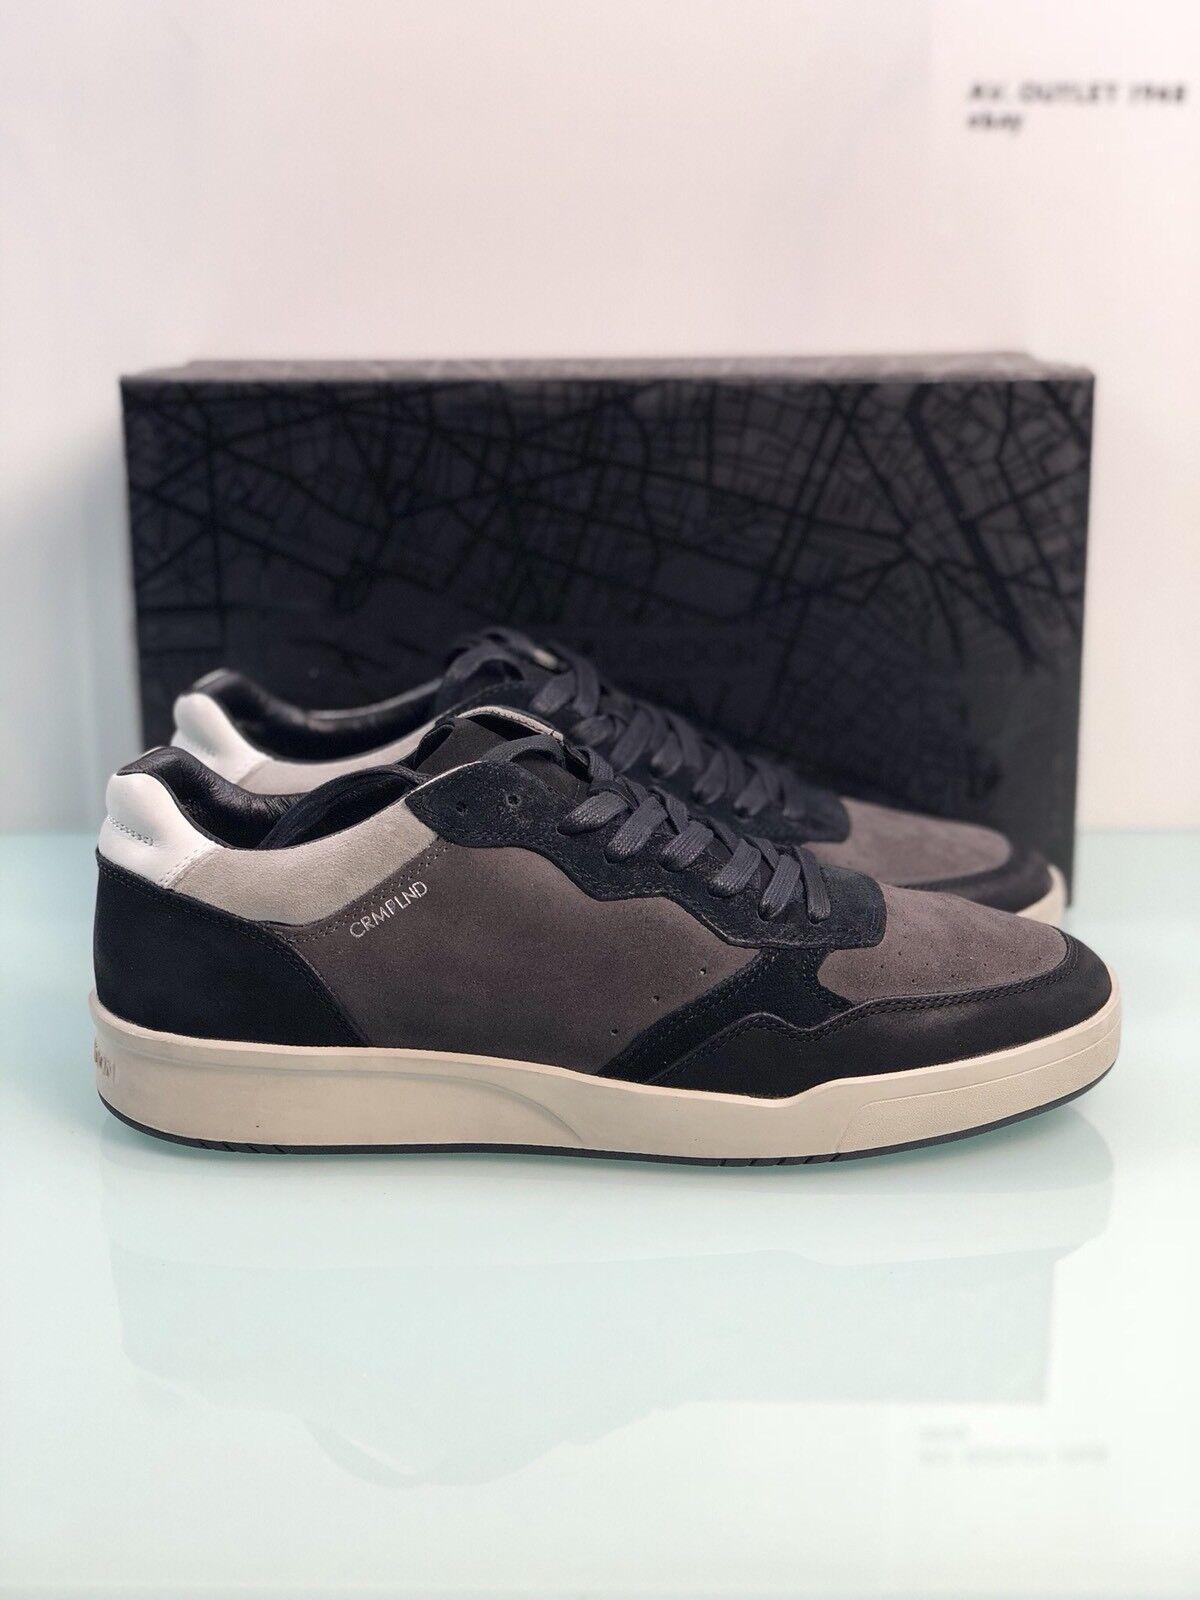 chaussure Crime London Herren Sportschuhe niedrig aus Veloursleder Modell 11503A